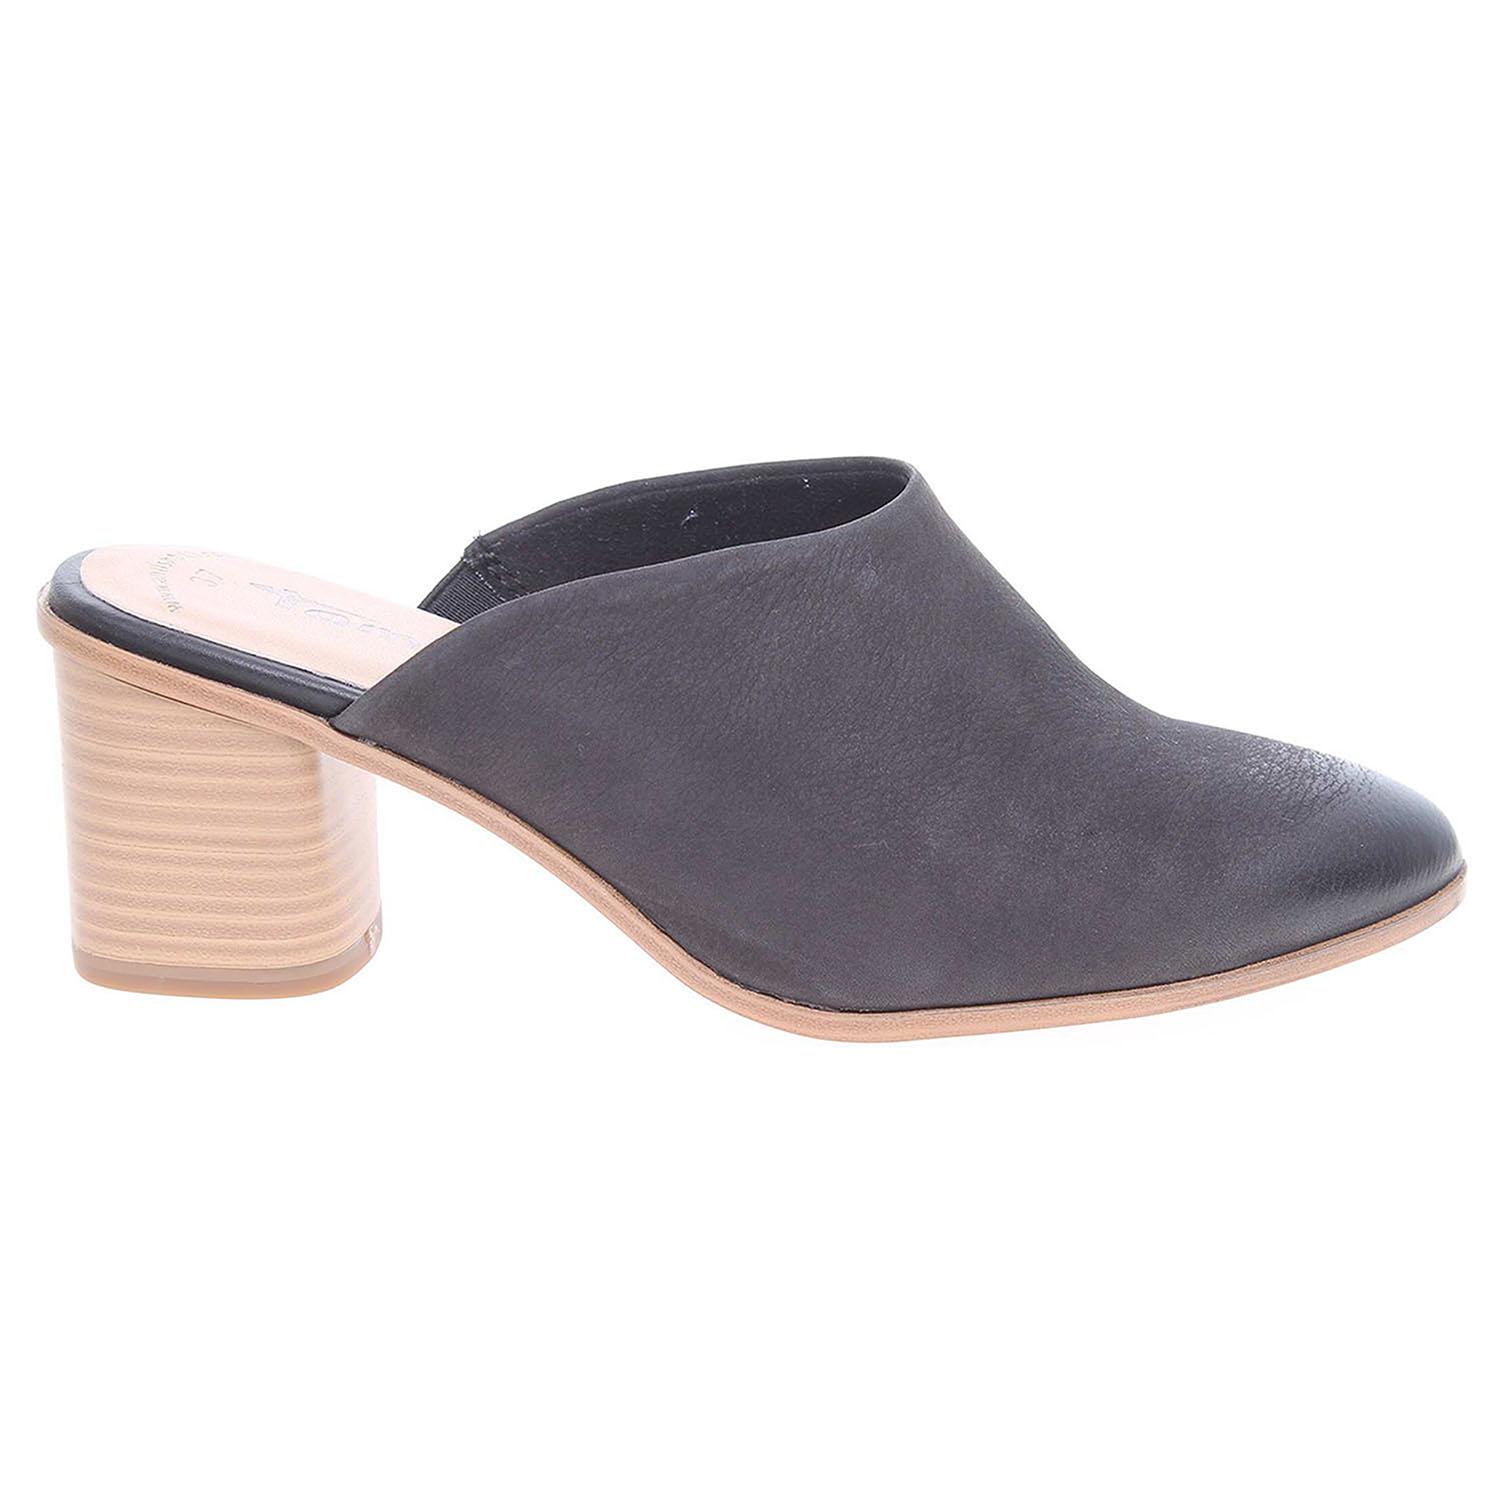 Ecco Tamaris dámské pantofle 1-27217-38 černé 23600754